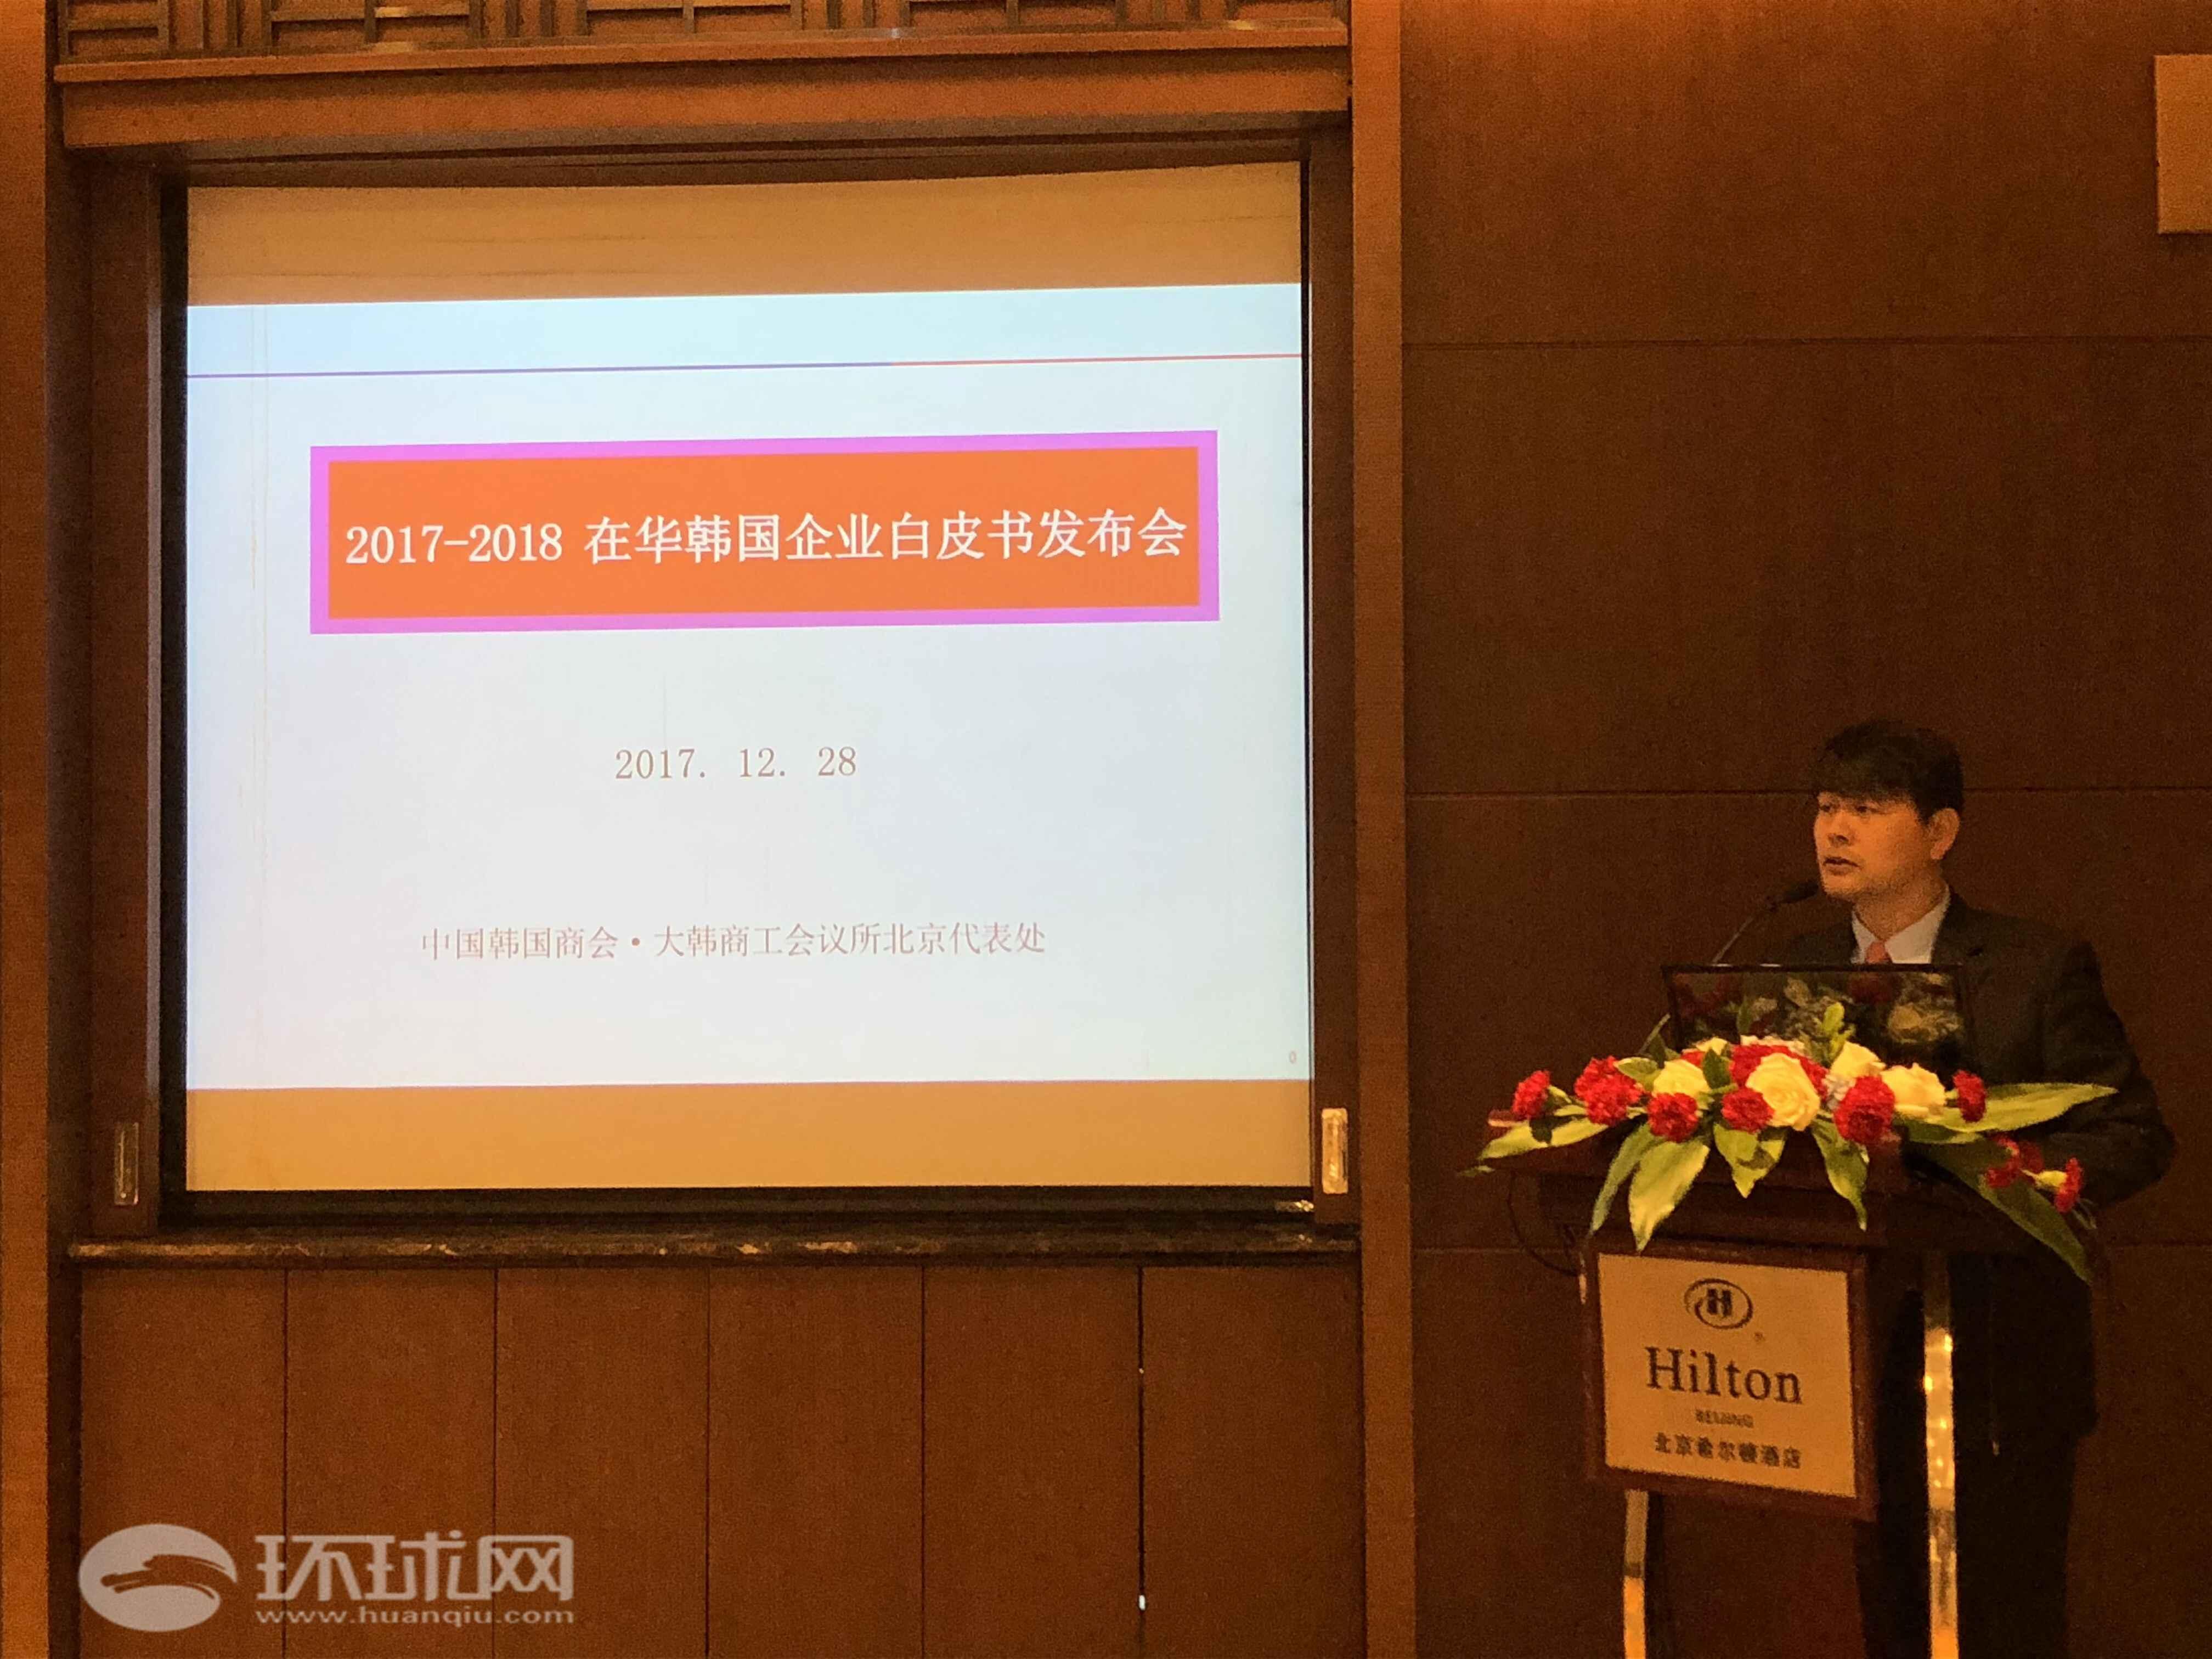 媒体:《在华韩国企业白皮书》在京发布 帮助韩国企业在华发展